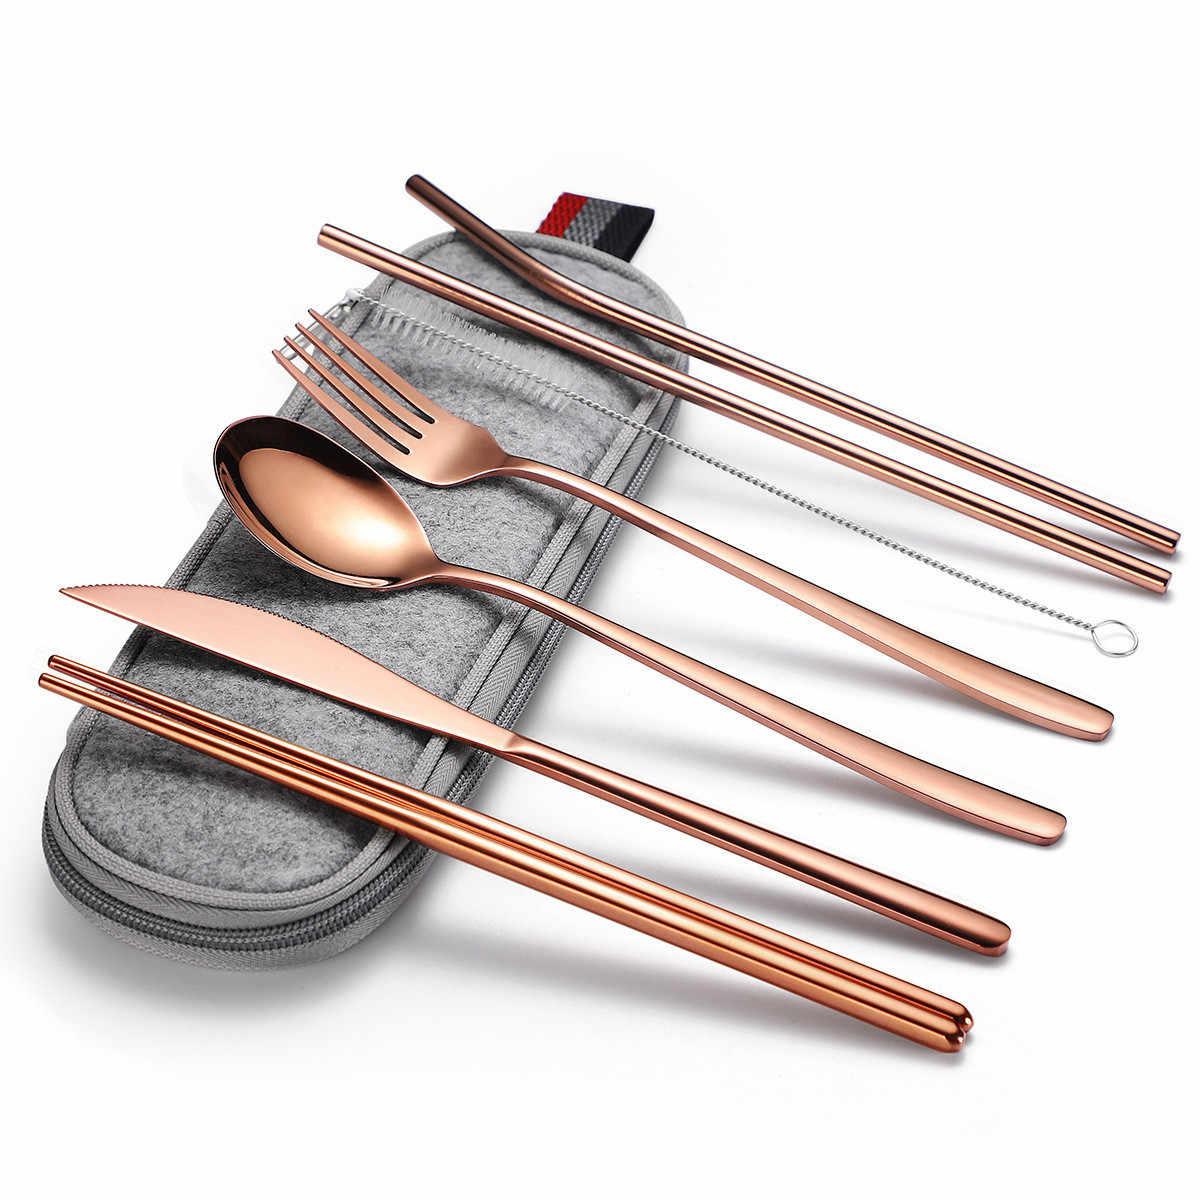 Conjunto de talheres de aço inoxidável de viagem preto garfo faca pauzinho conjunto de talheres conjunto de talheres de viagem arco-íris conjunto de talheres portátil